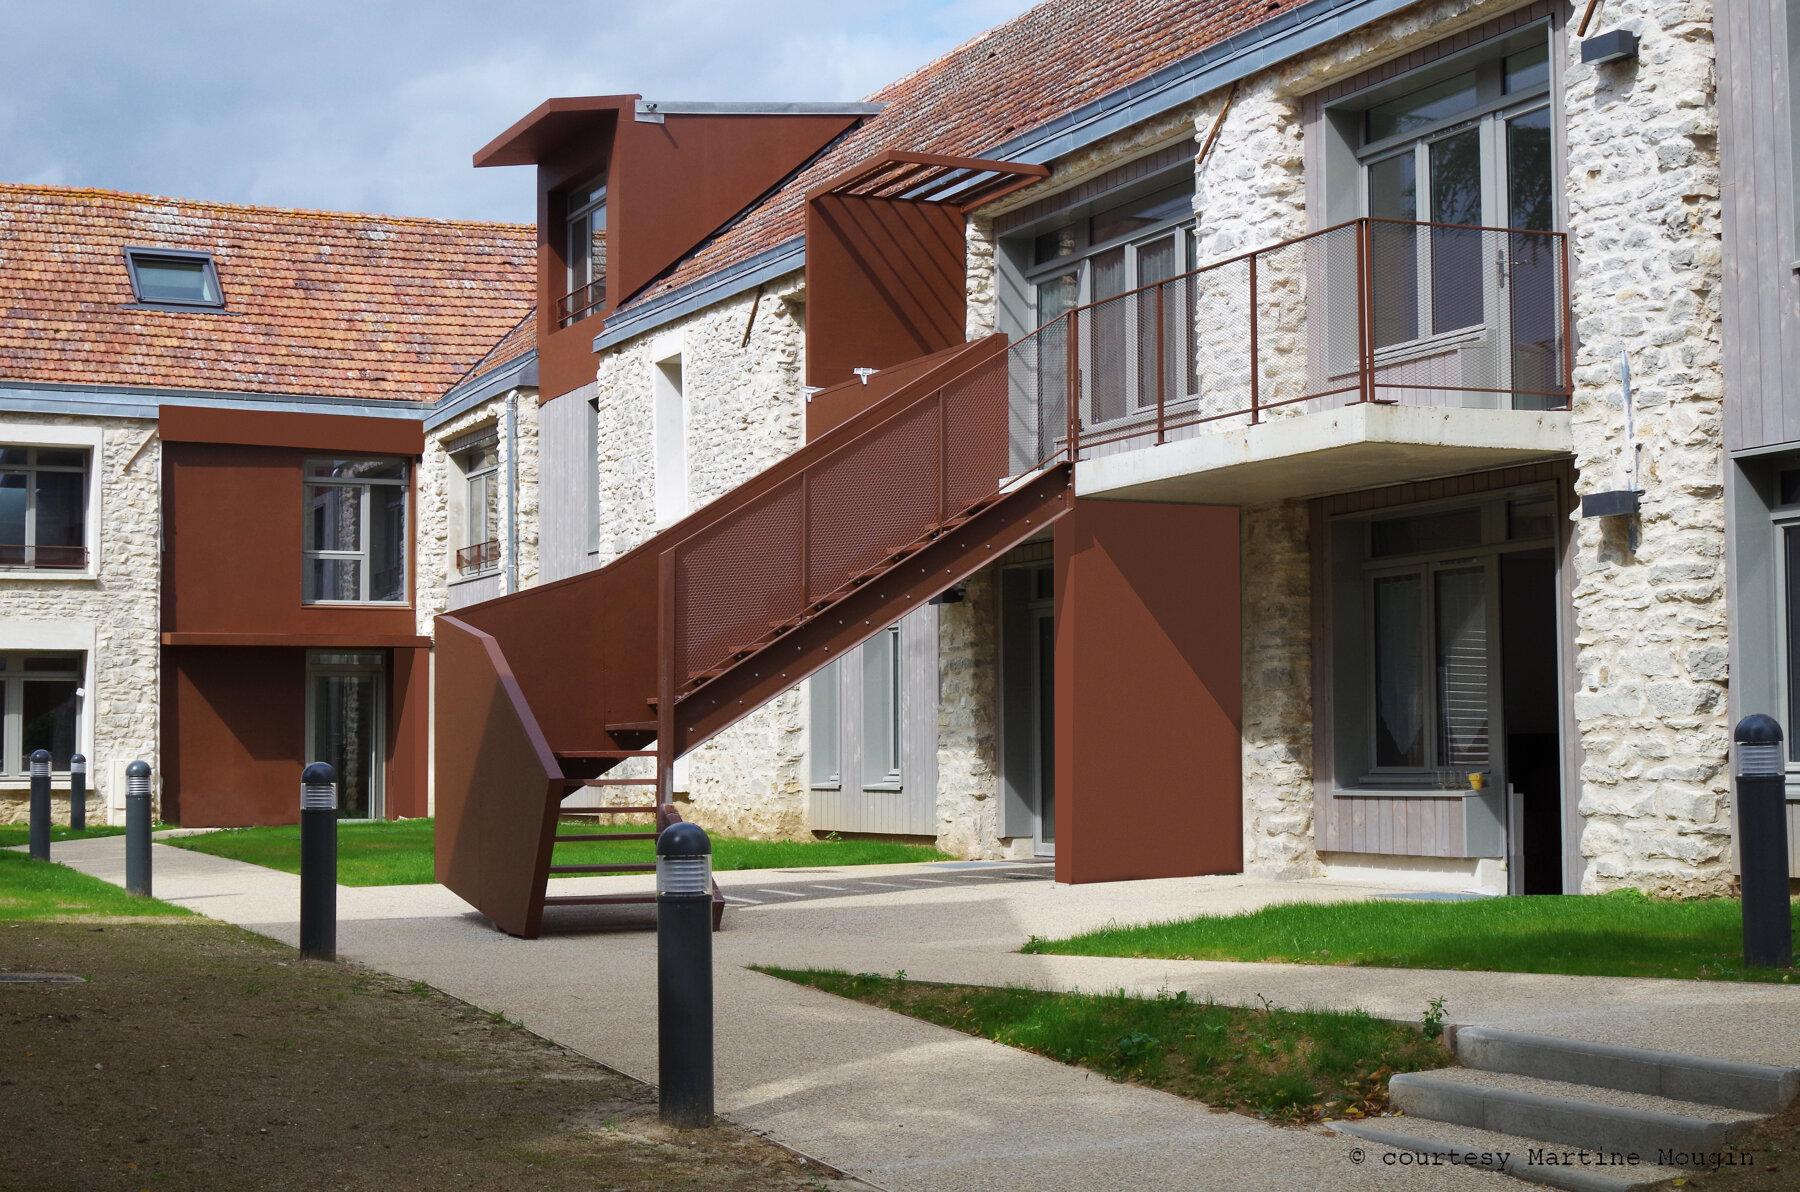 Rénovation - Logements collectifs par un architecte Archidvisor